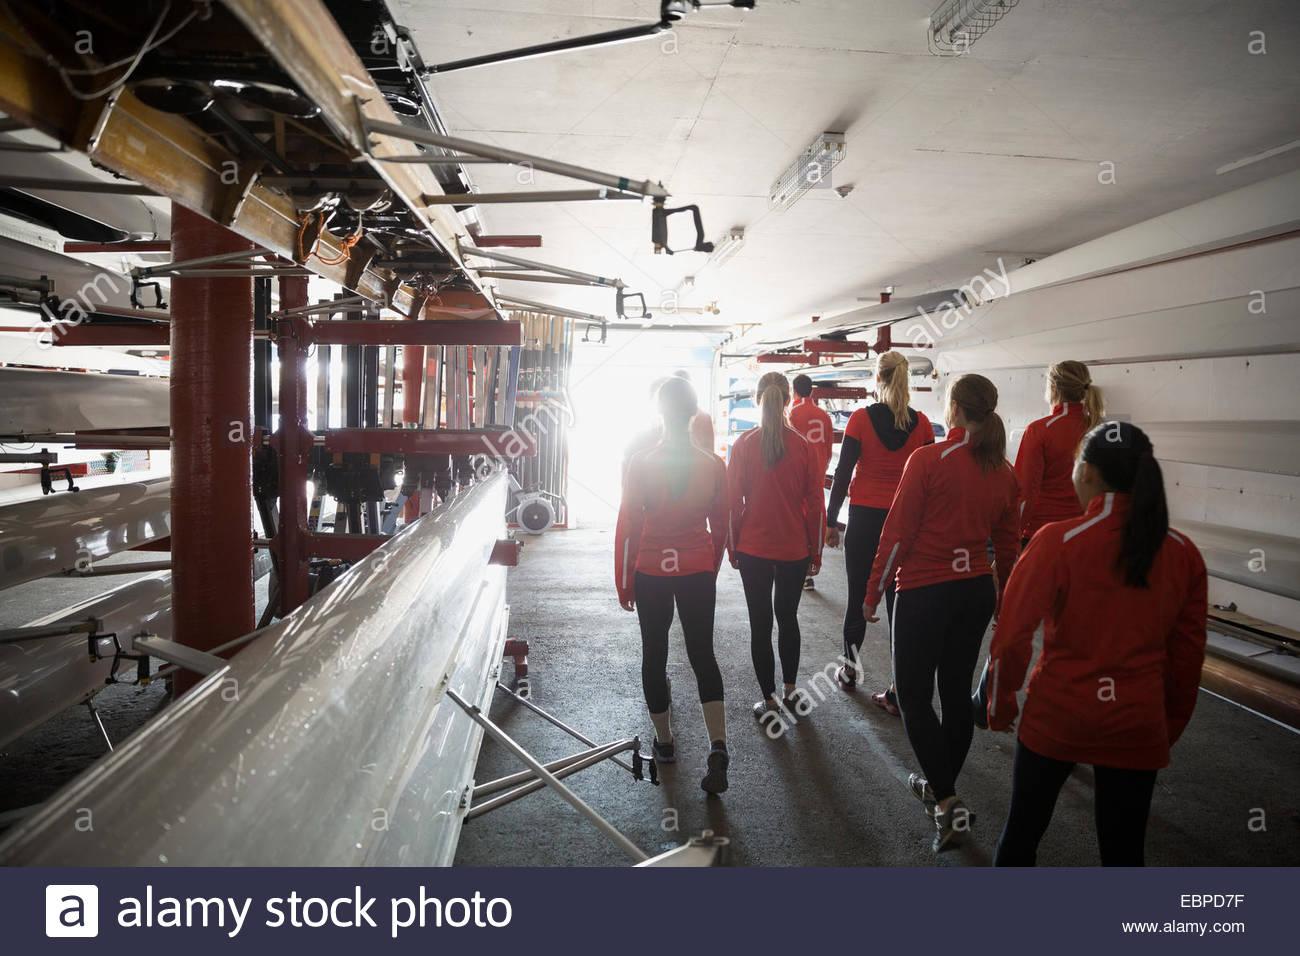 L'équipe d'aviron dans un hangar à bateaux Photo Stock